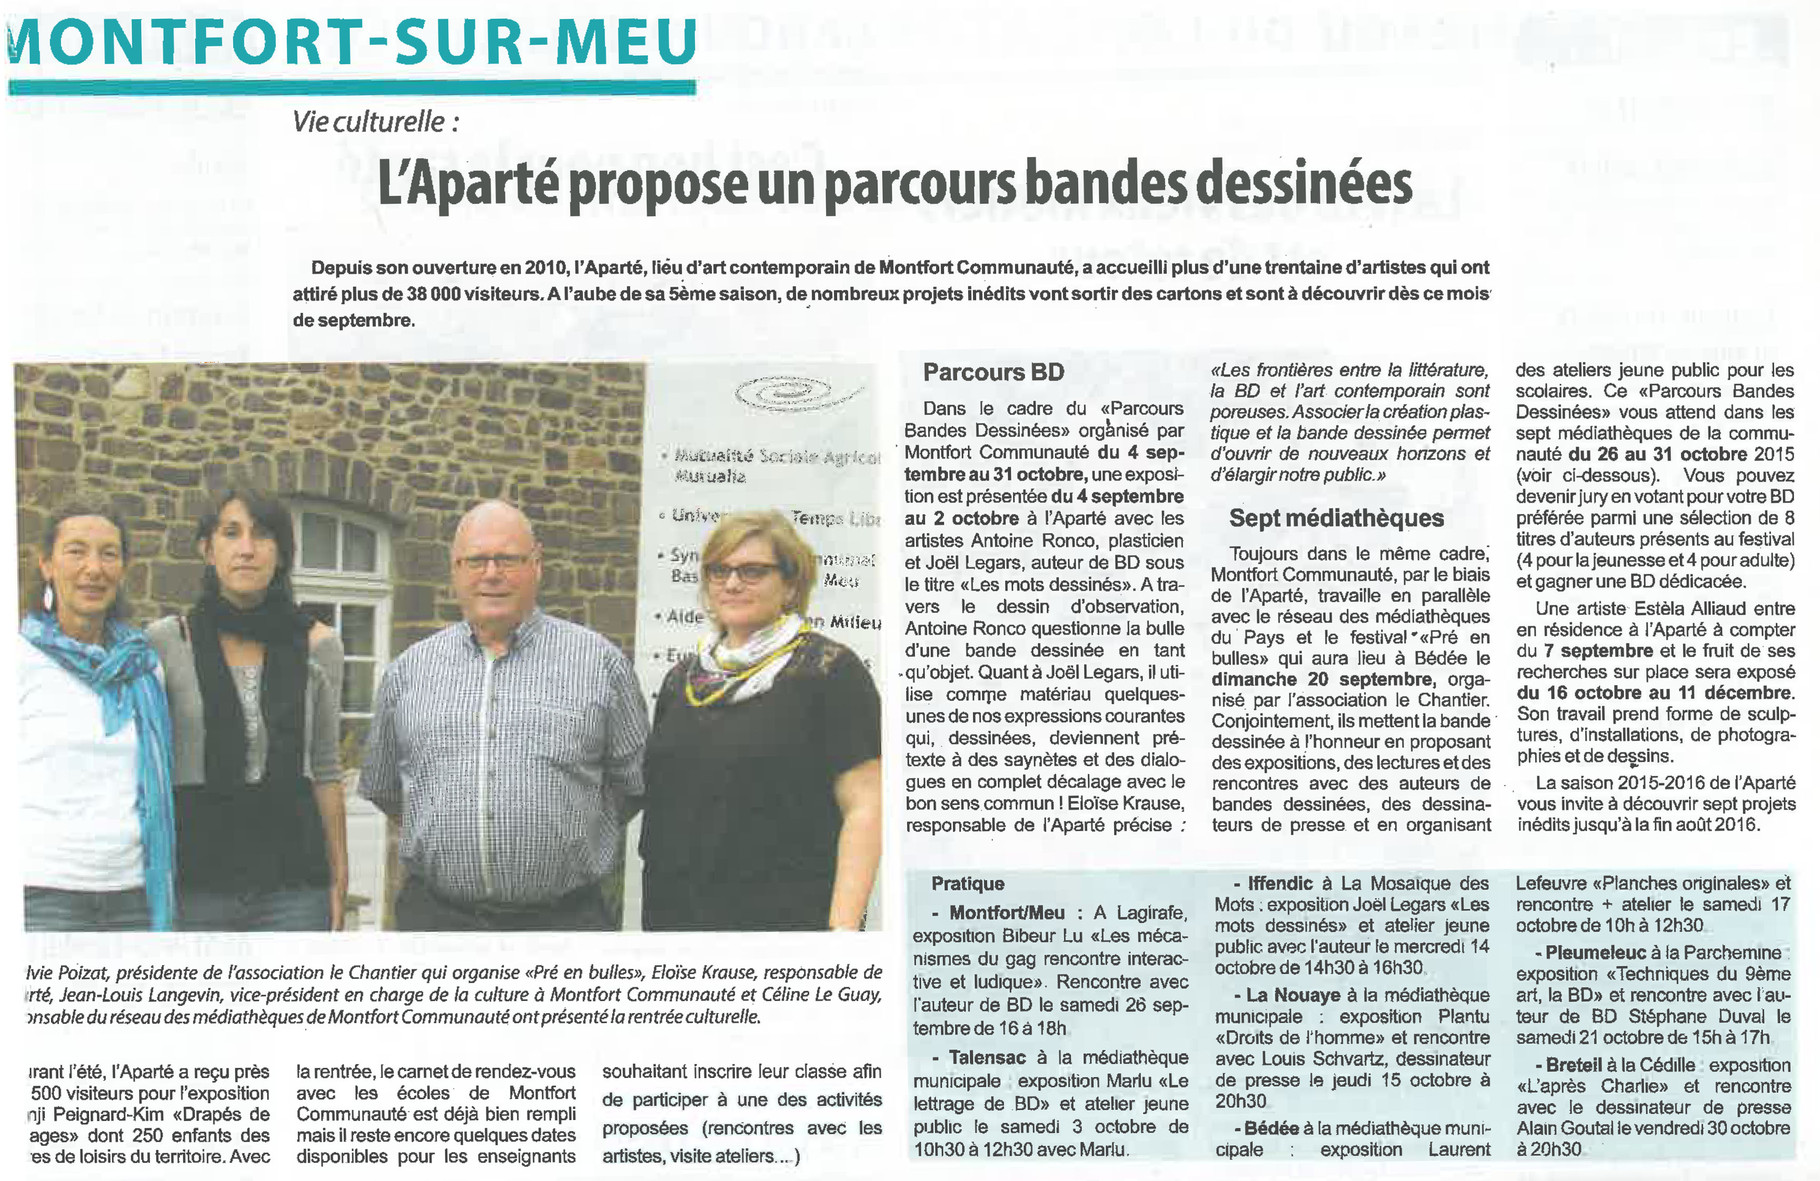 Ouest-France - 5 septembre 2015